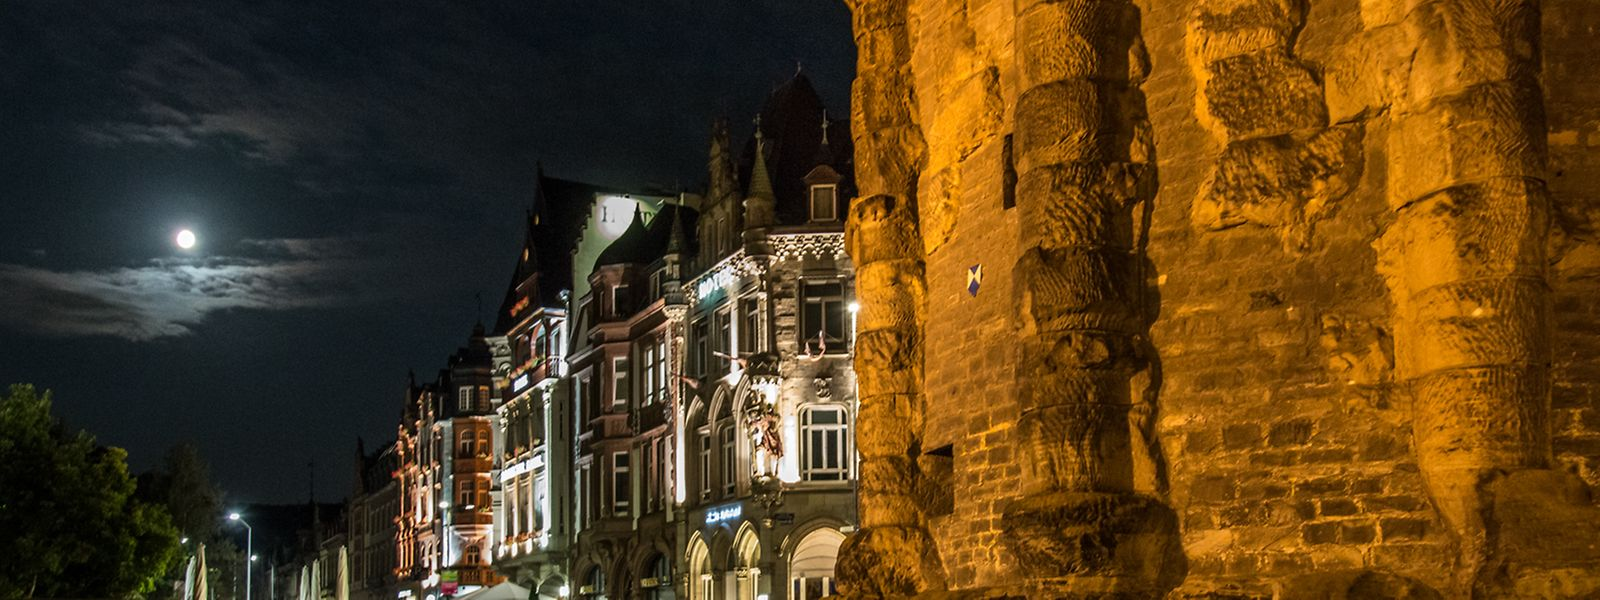 Der Raubüberfall ereignete sich unweit der Porta Nigra in Trier.